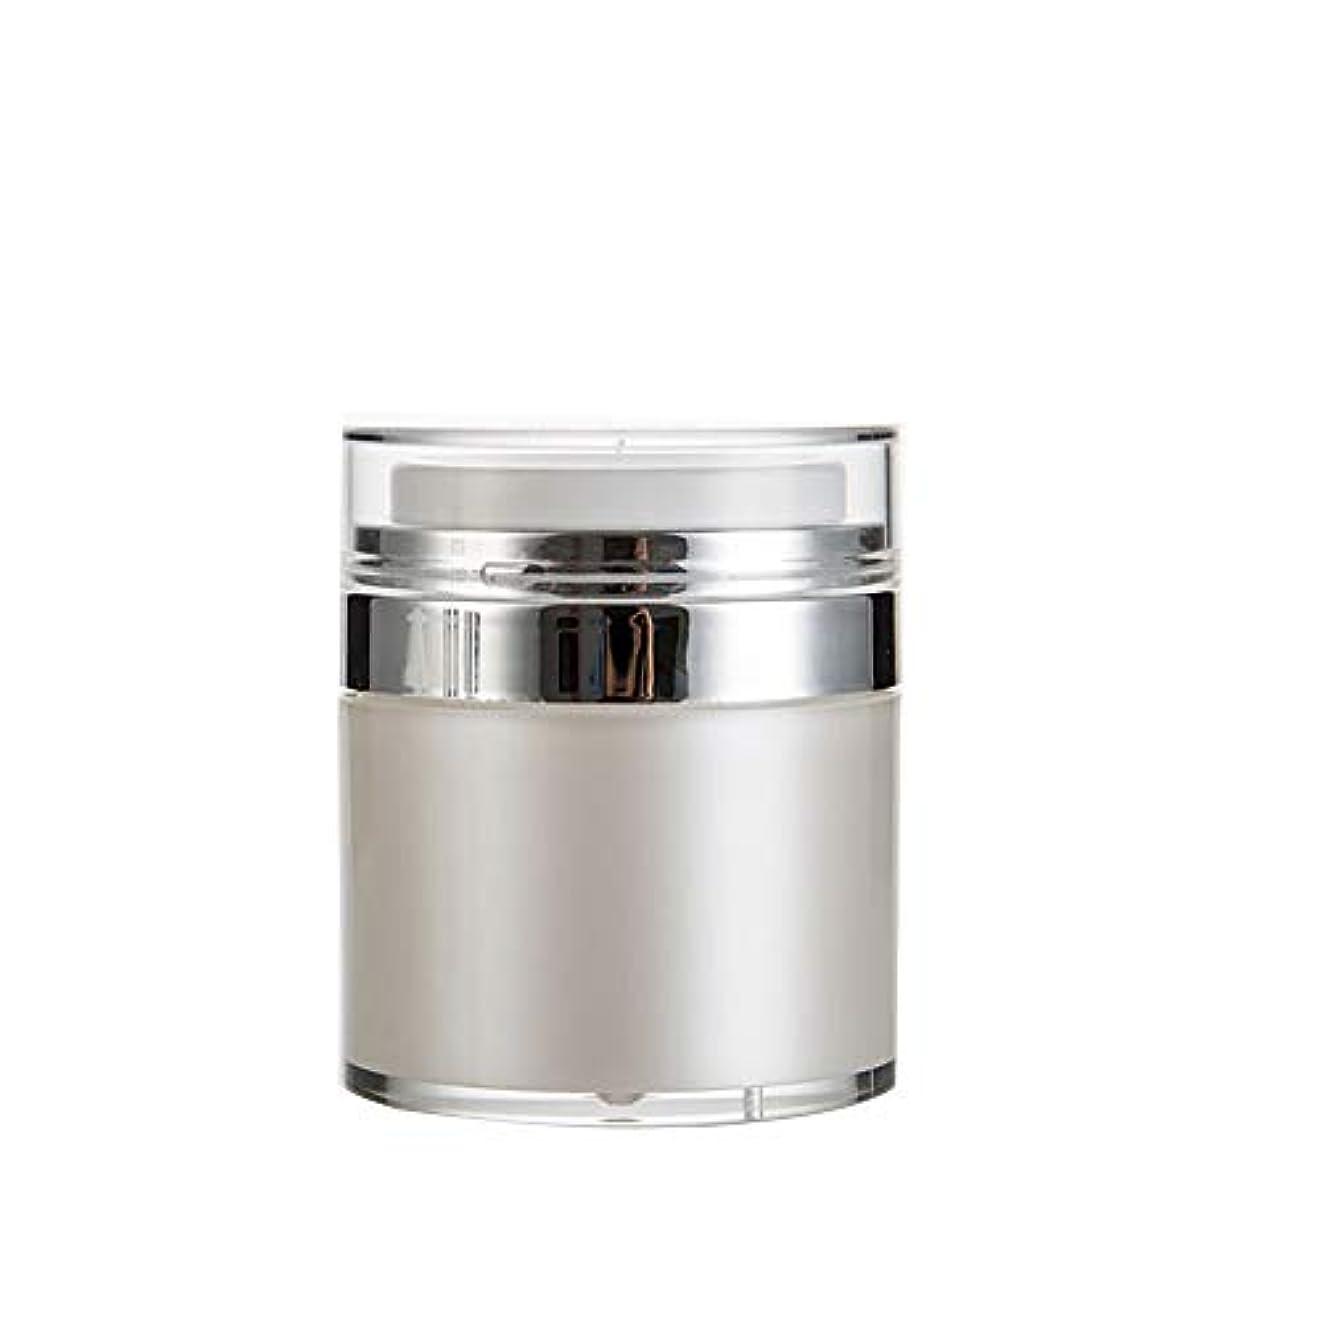 ロッドメッセージ思い出させるOBEST 詰め替えボトル 真空ボトル ポンプタイプ エアレス 小分け容器 プッシュボトル 携帯用 花粉対応 旅行用(50G)